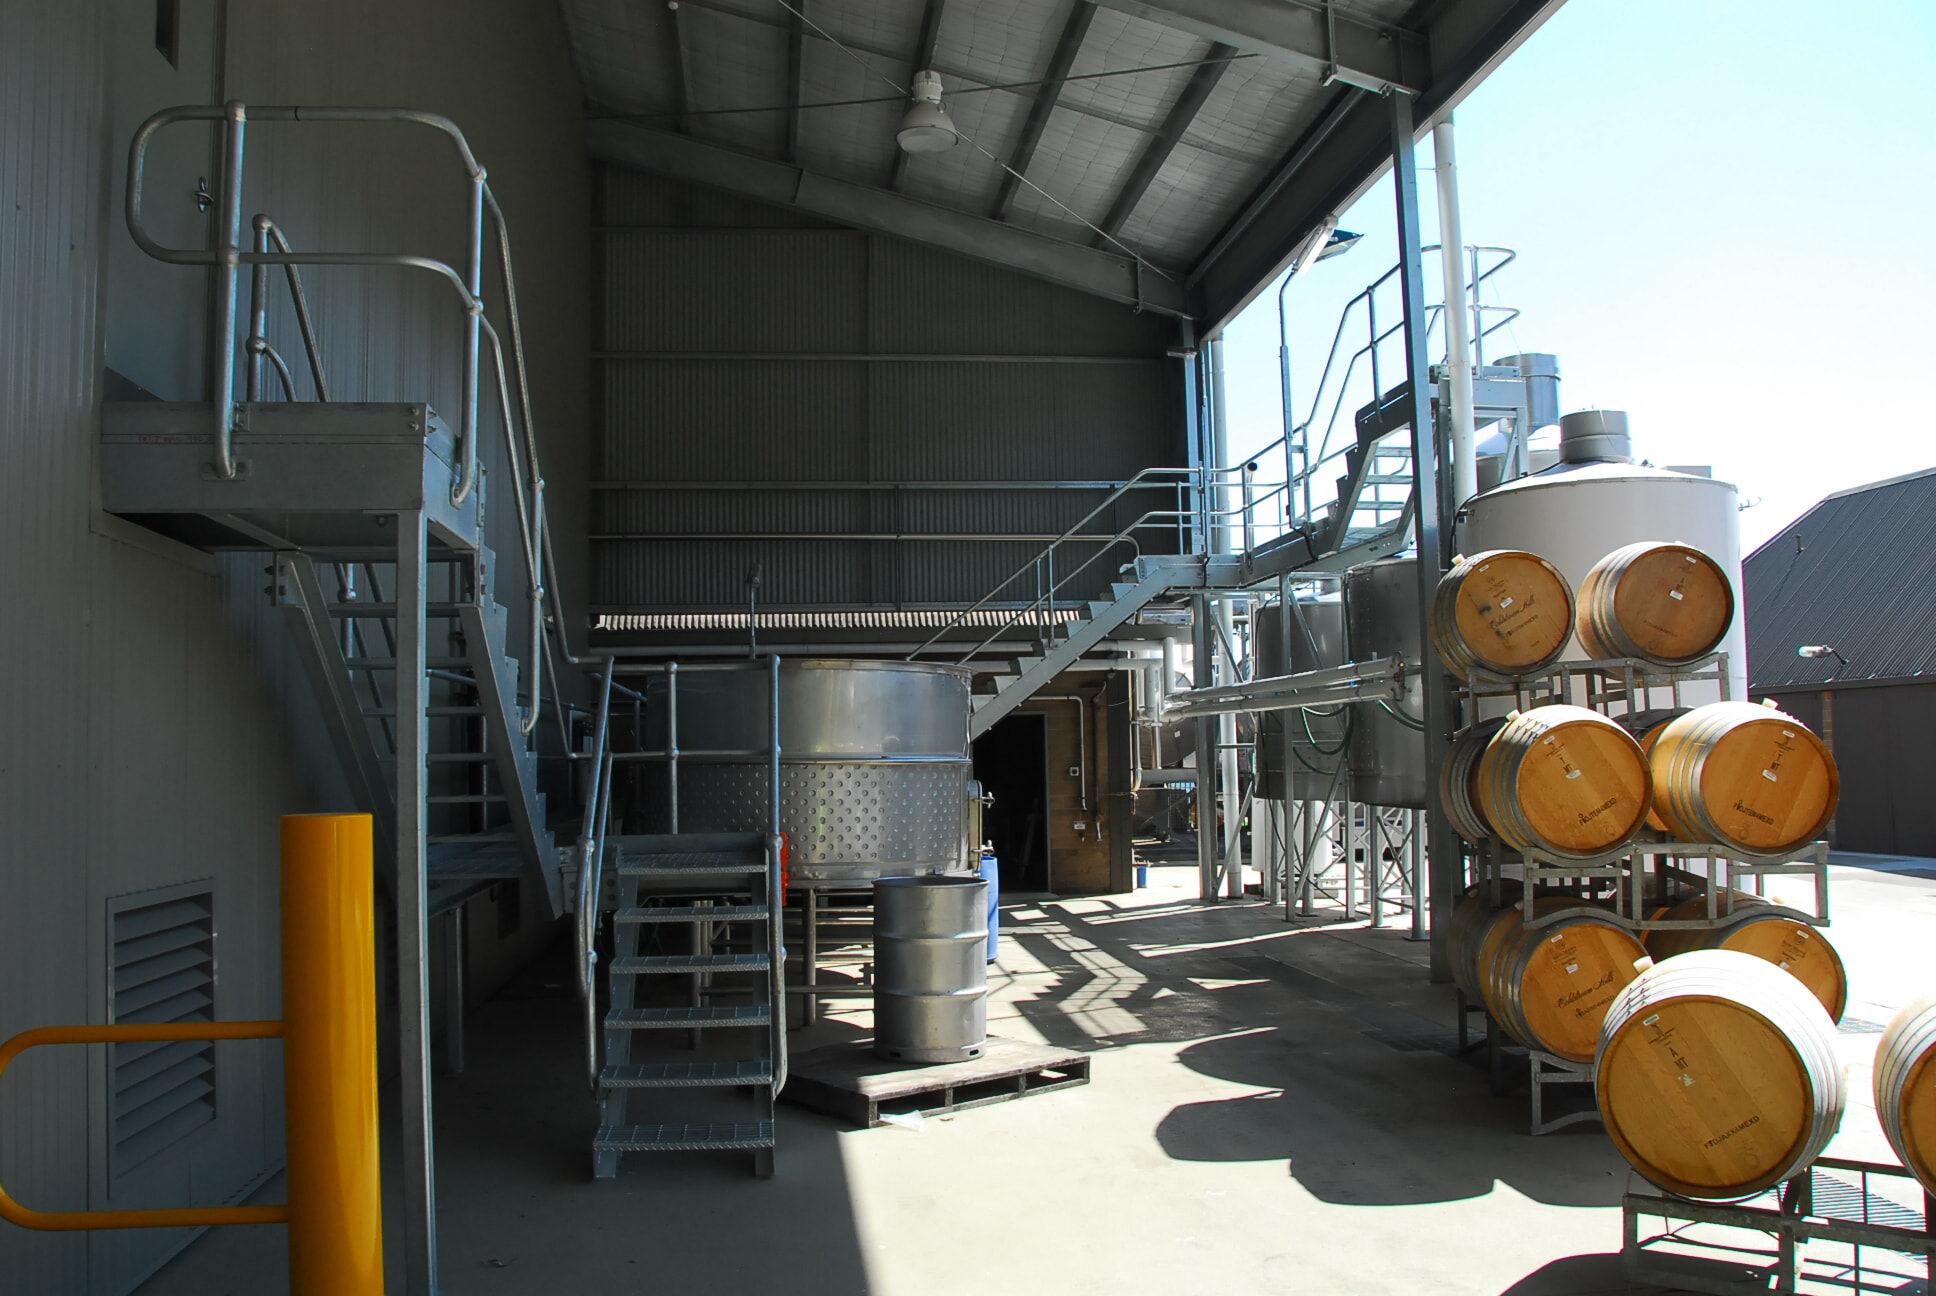 Winery fabrication